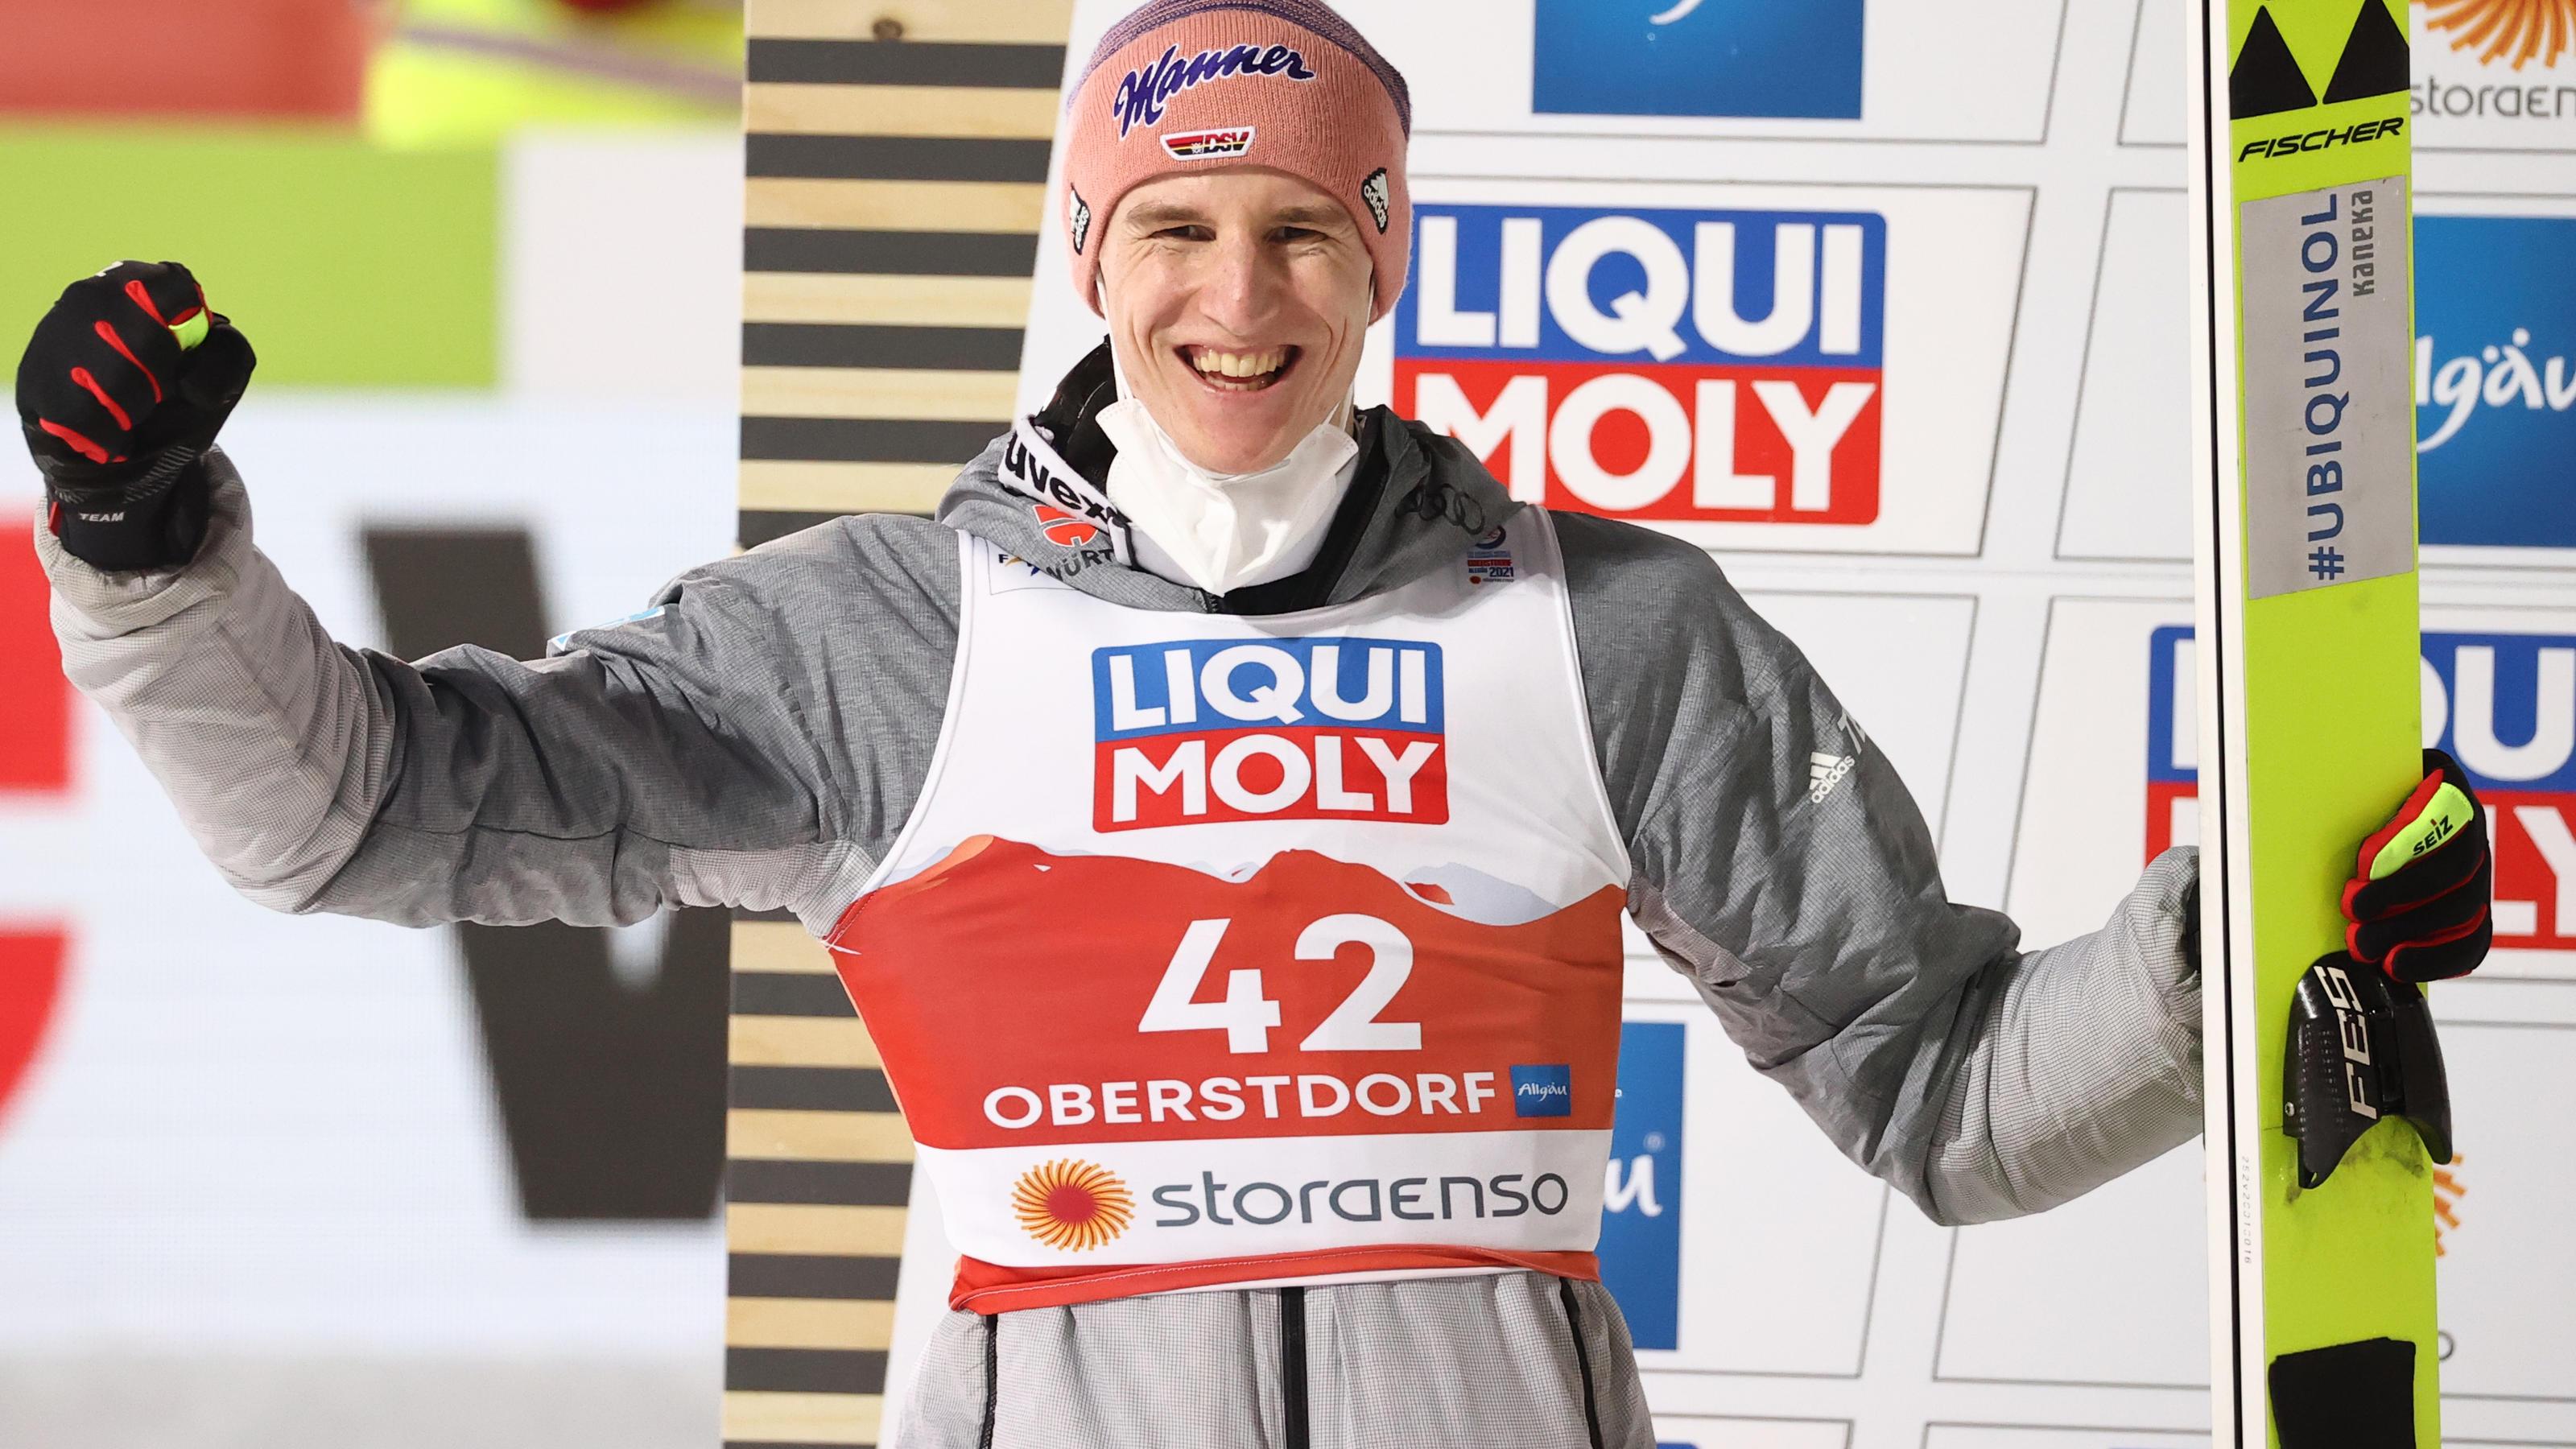 Heim-WM in Oberstdorf: Karl Geiger fliegt zu Silber und holt erste Medaille für den Deutschen Ski-Verband